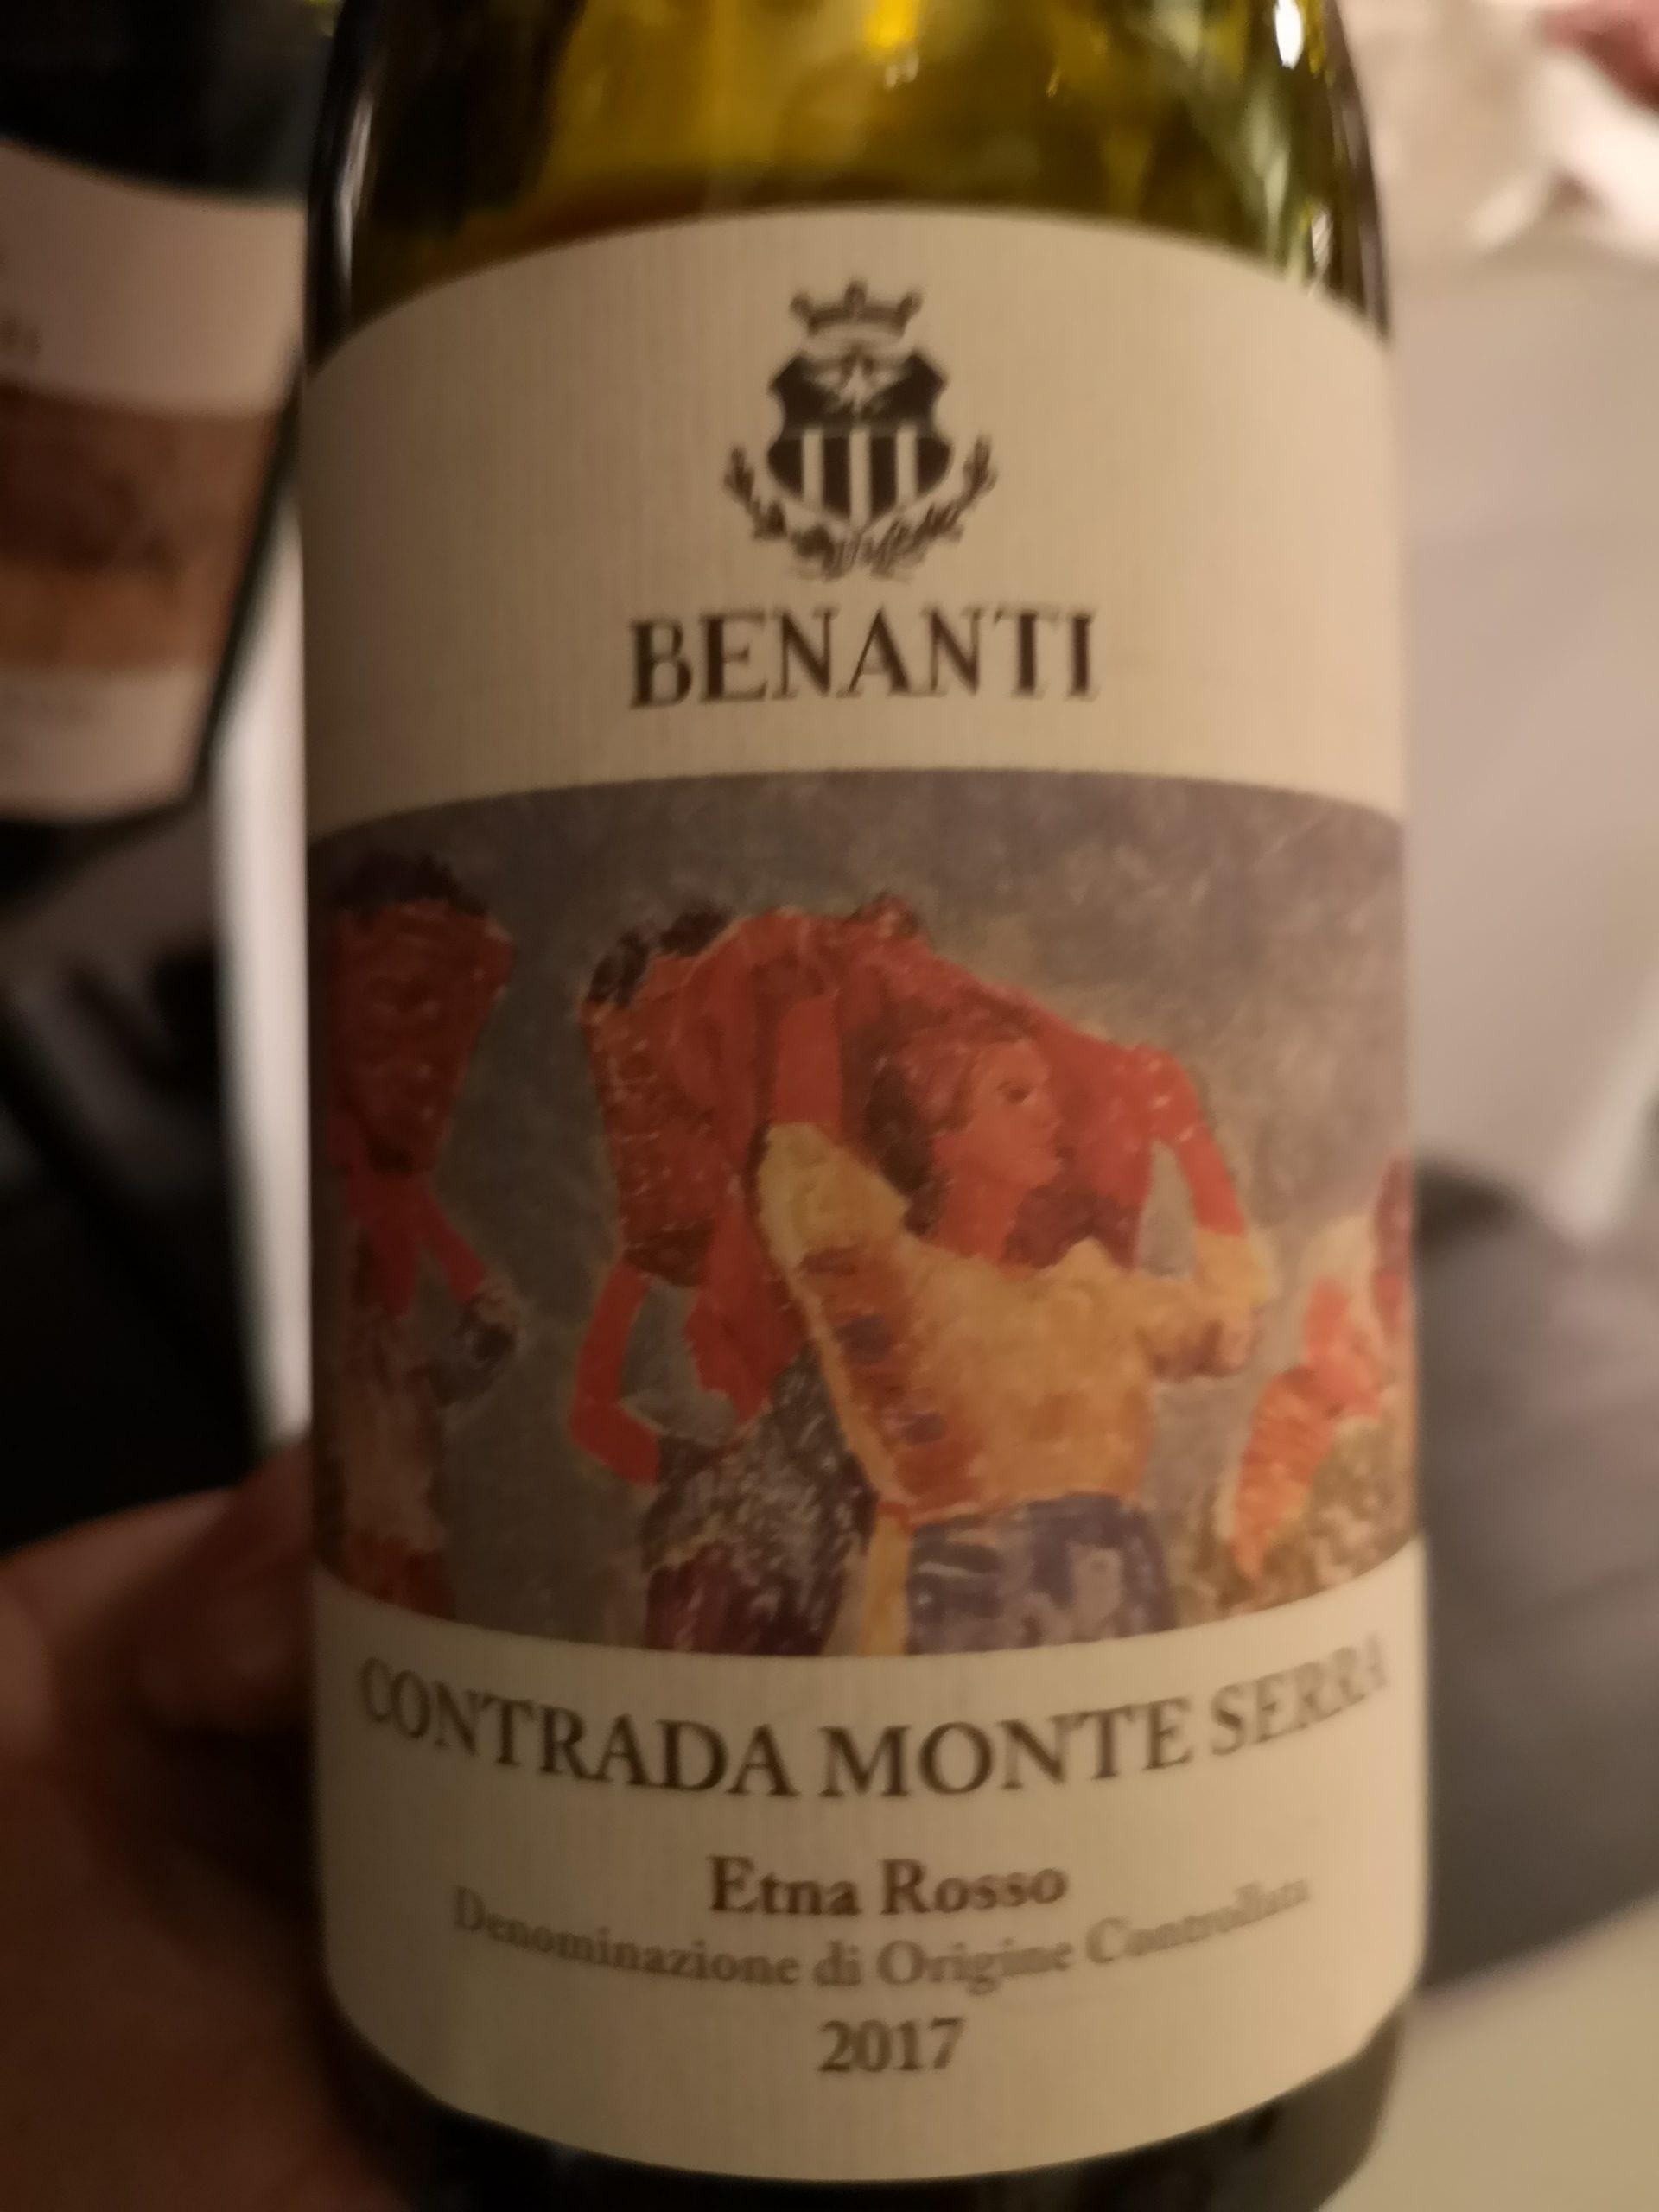 2017 Contrada Monte Serra Etna Rosso | Benanti